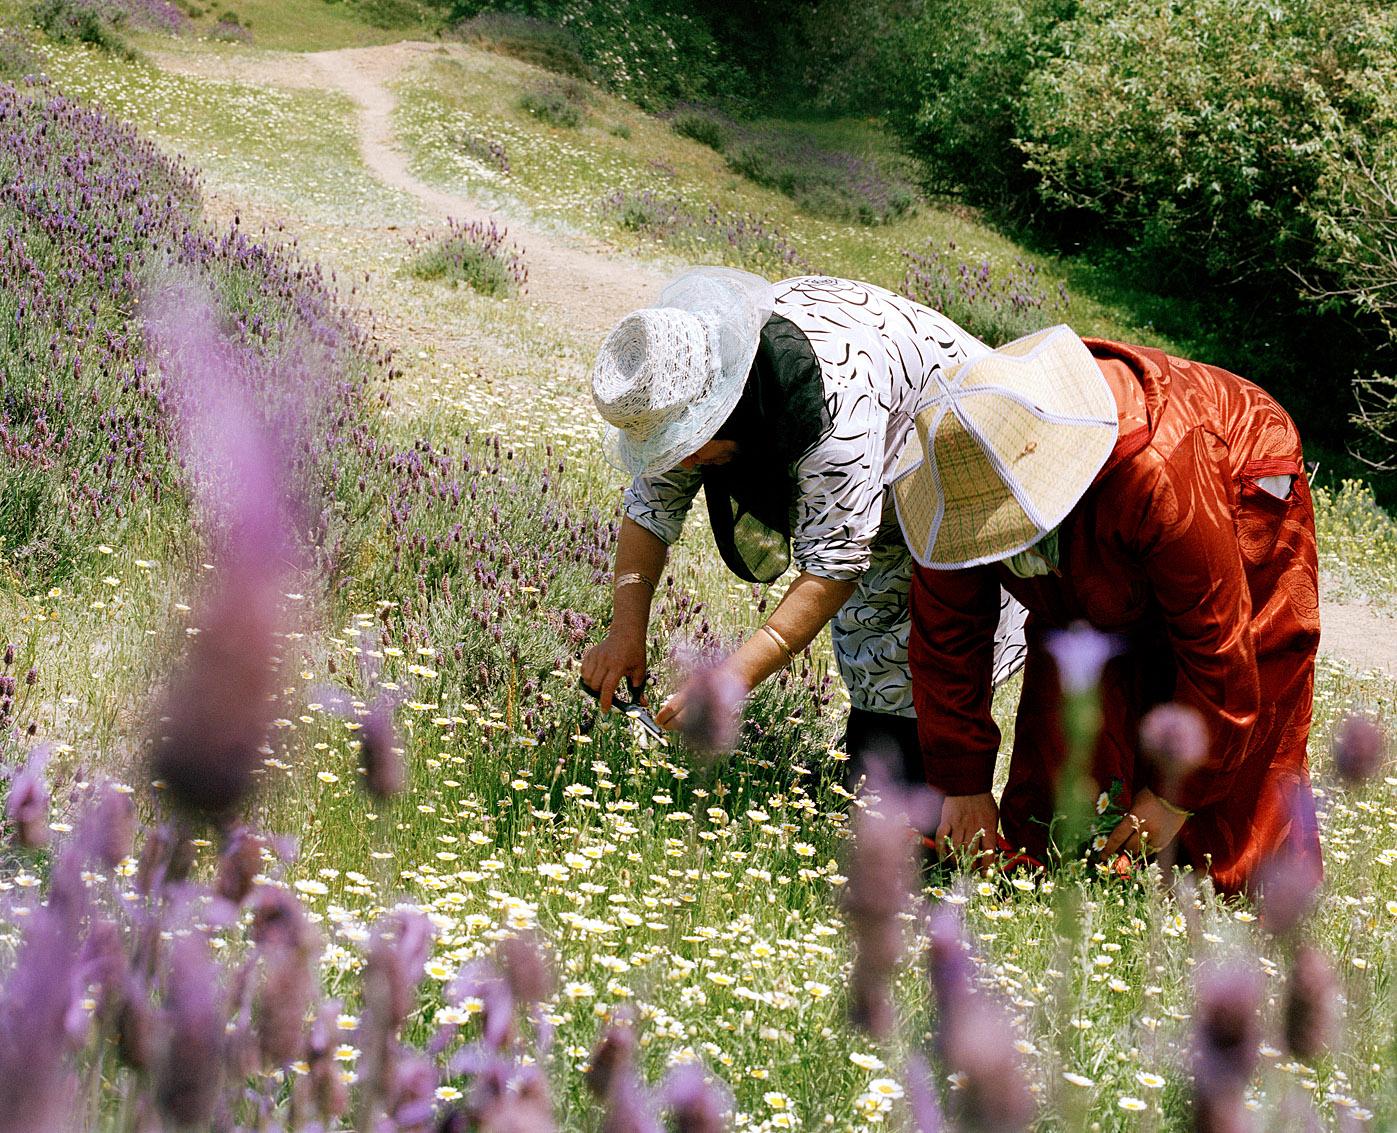 Récolte de camomille et de lavande, coopérative de femmes Achifae (guérison en Berbère), Maroc.